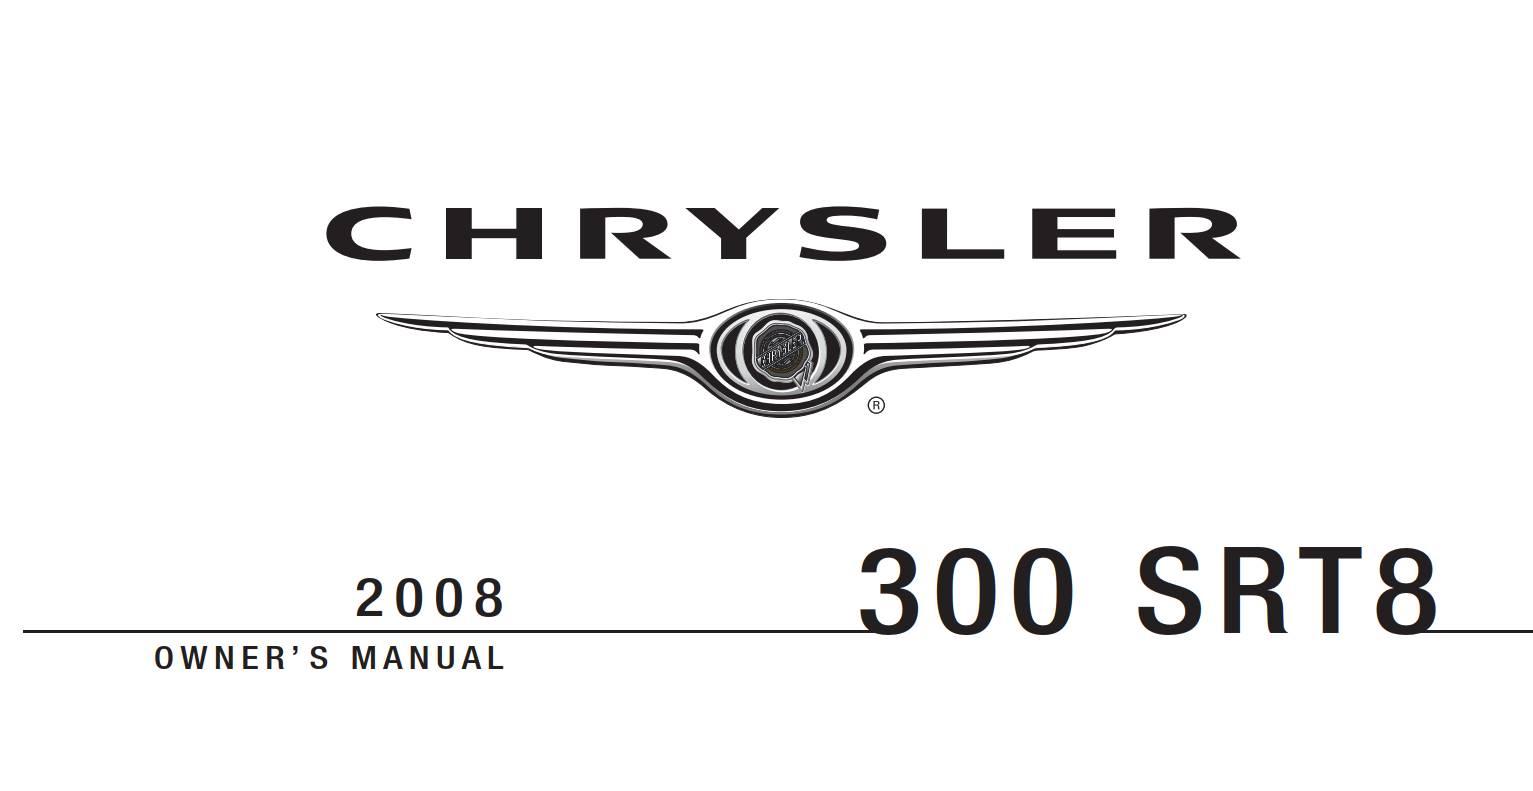 Chrysler 300 Srt8 2008 Owner's Manual